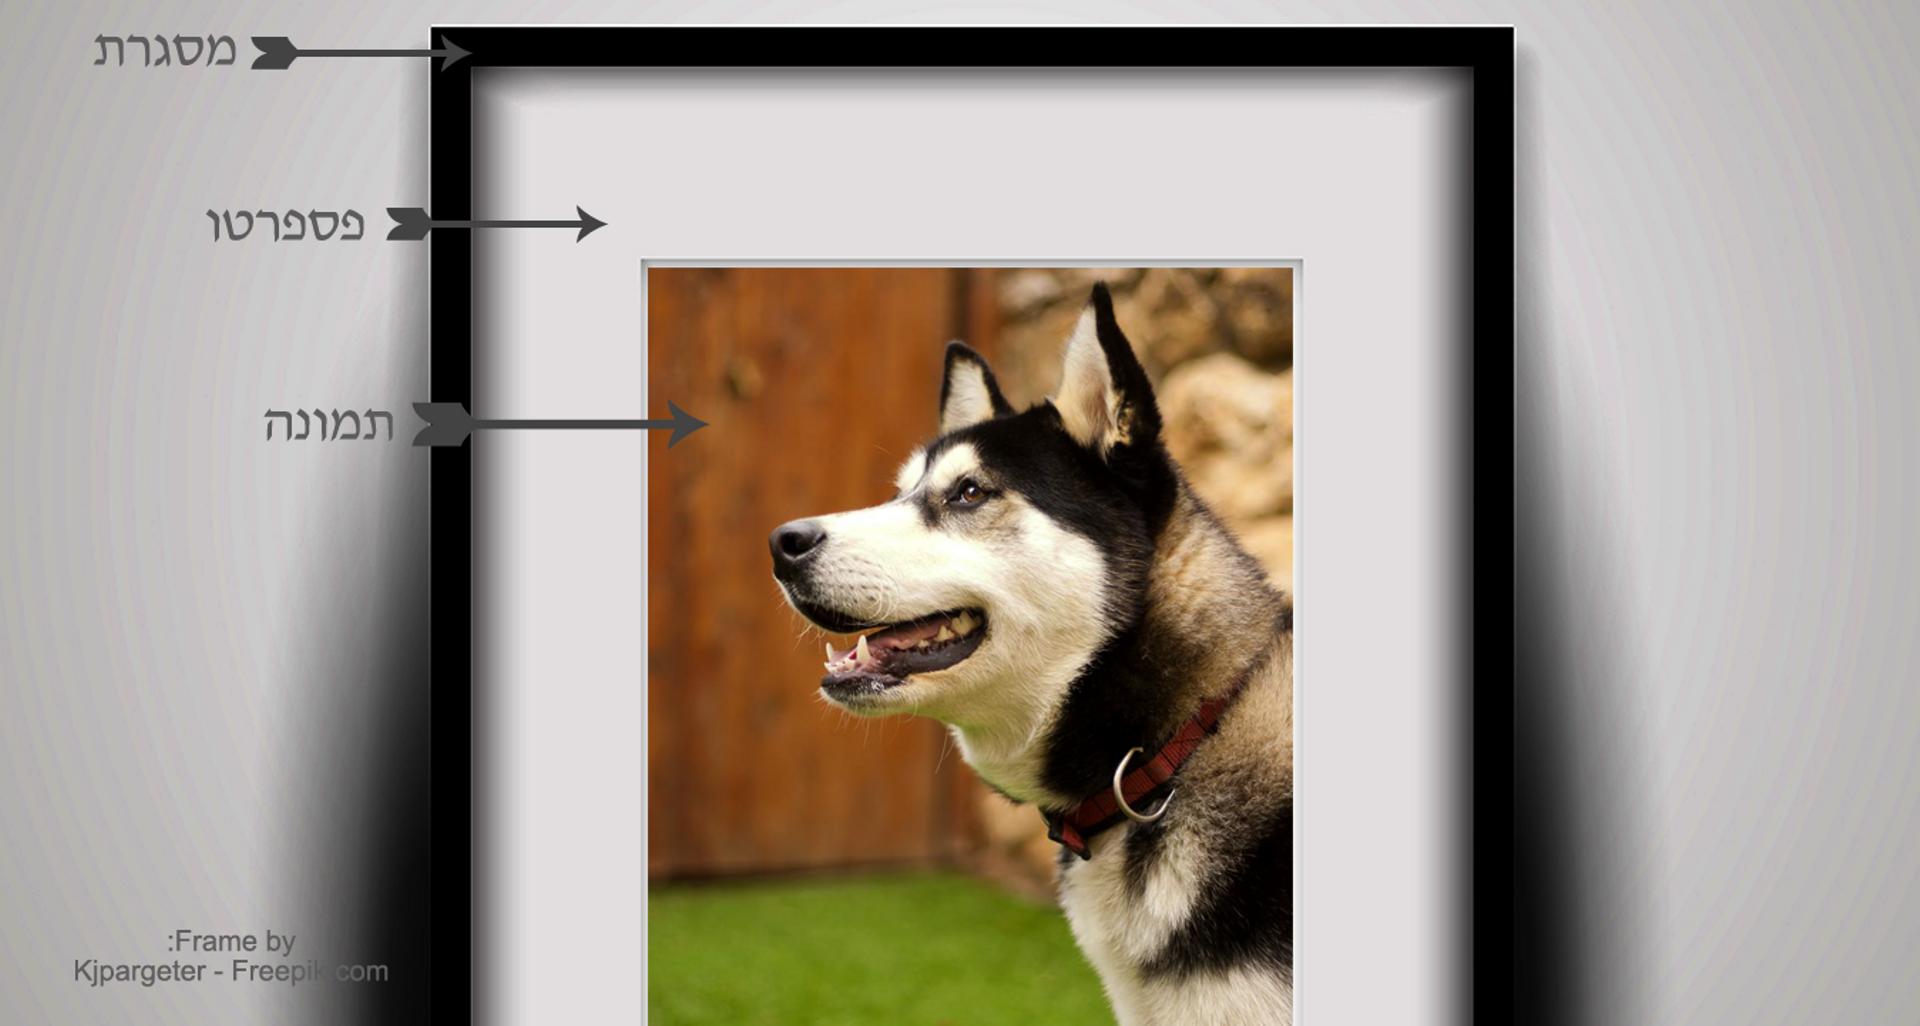 =מסגרת תמונה איכותית דגם FR9308, כולל הדפסת תמונה.